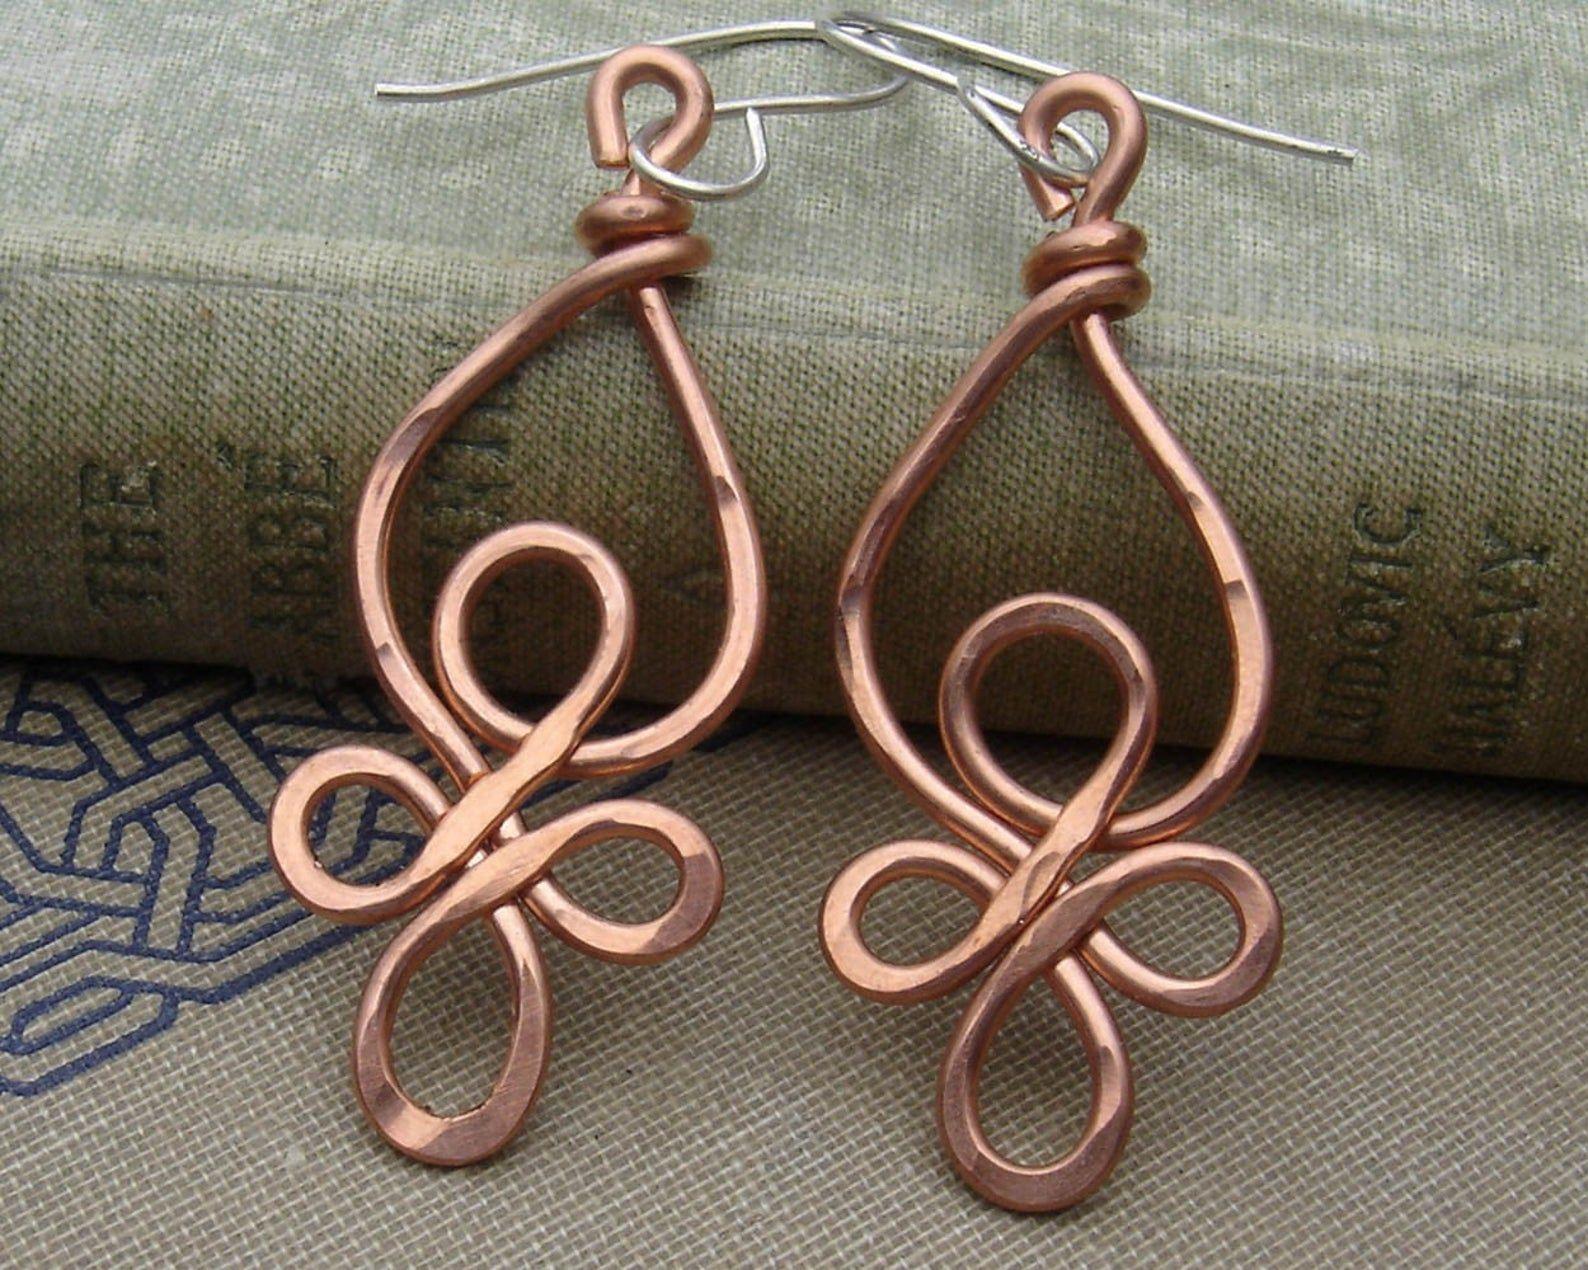 8 Gauge Copper S Earrings